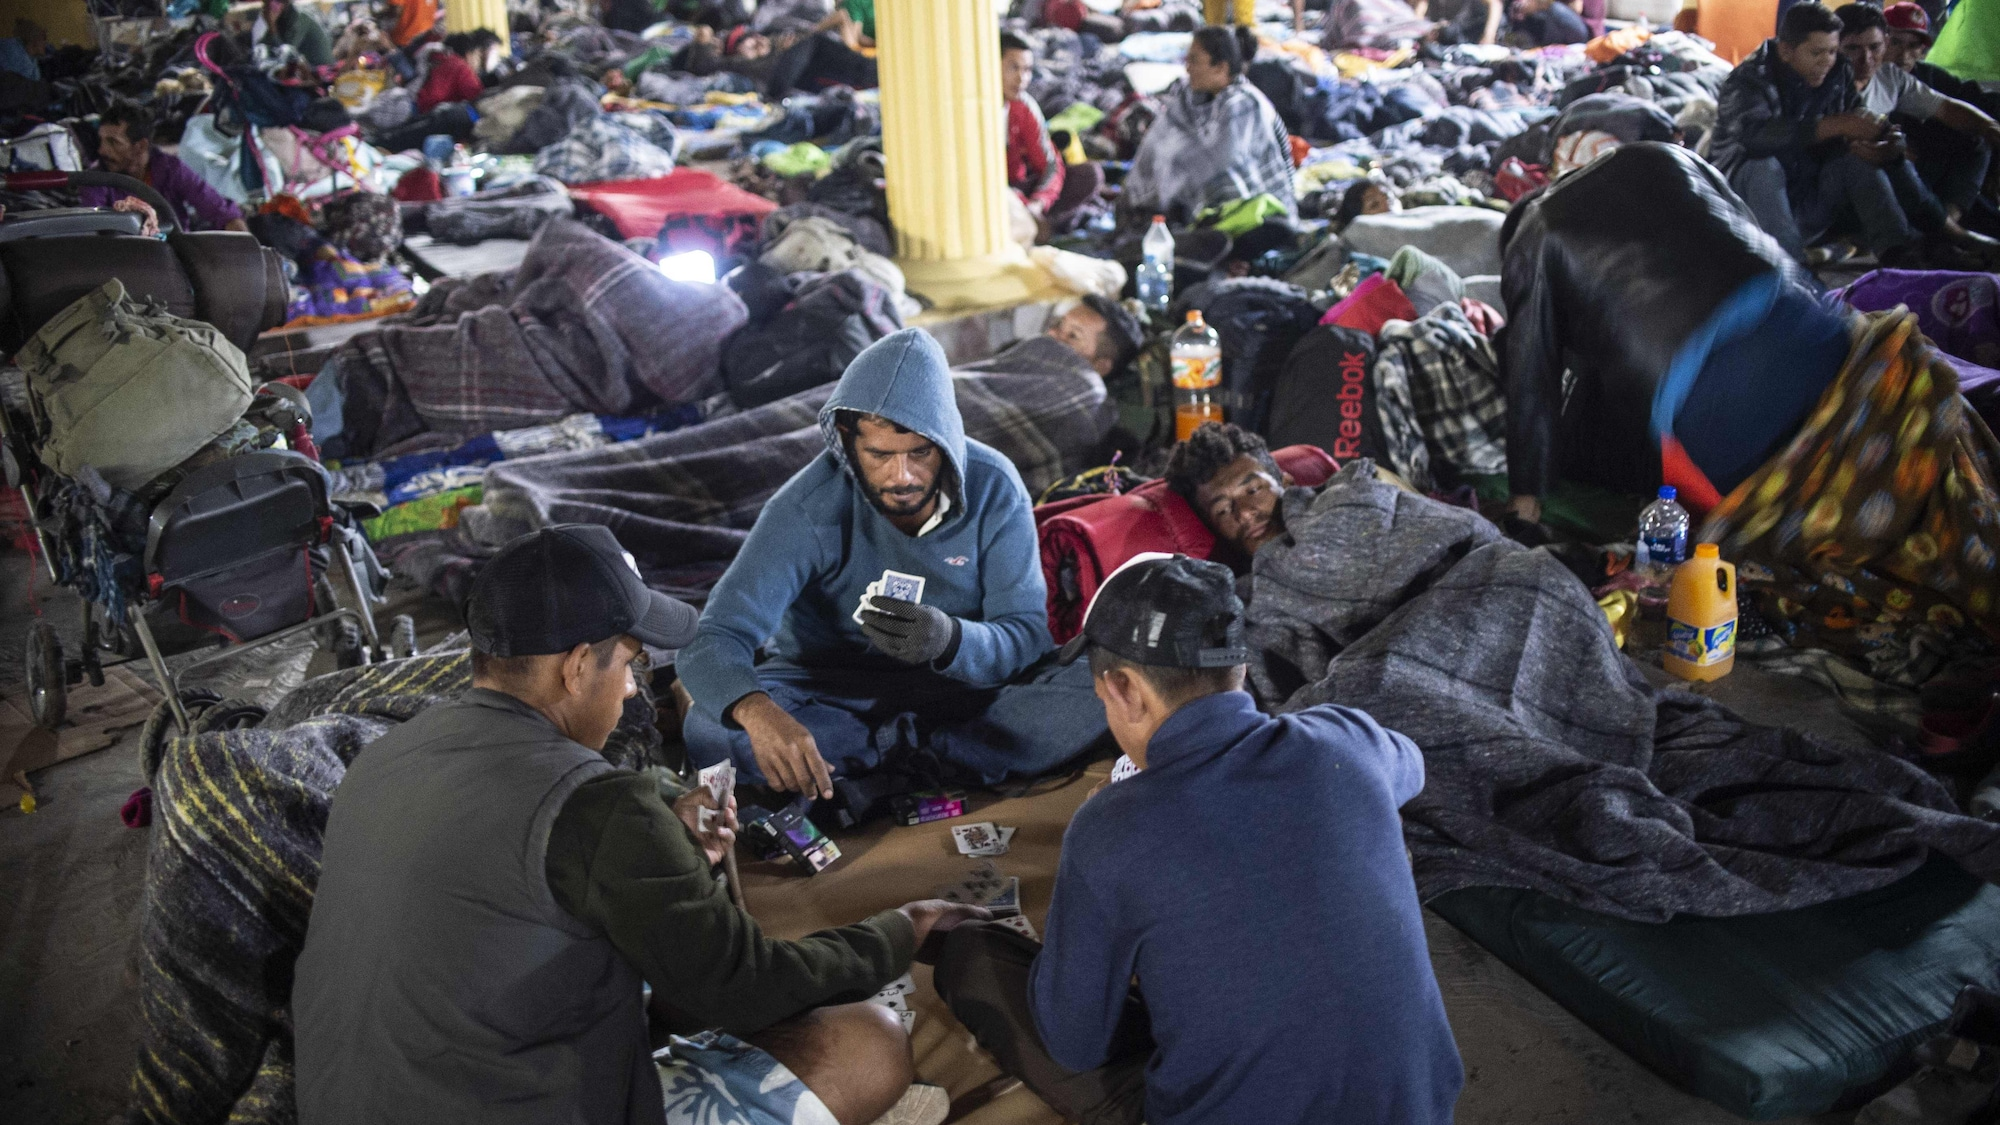 Des migrants dorment ou jouent aux cartes dans un refuge.